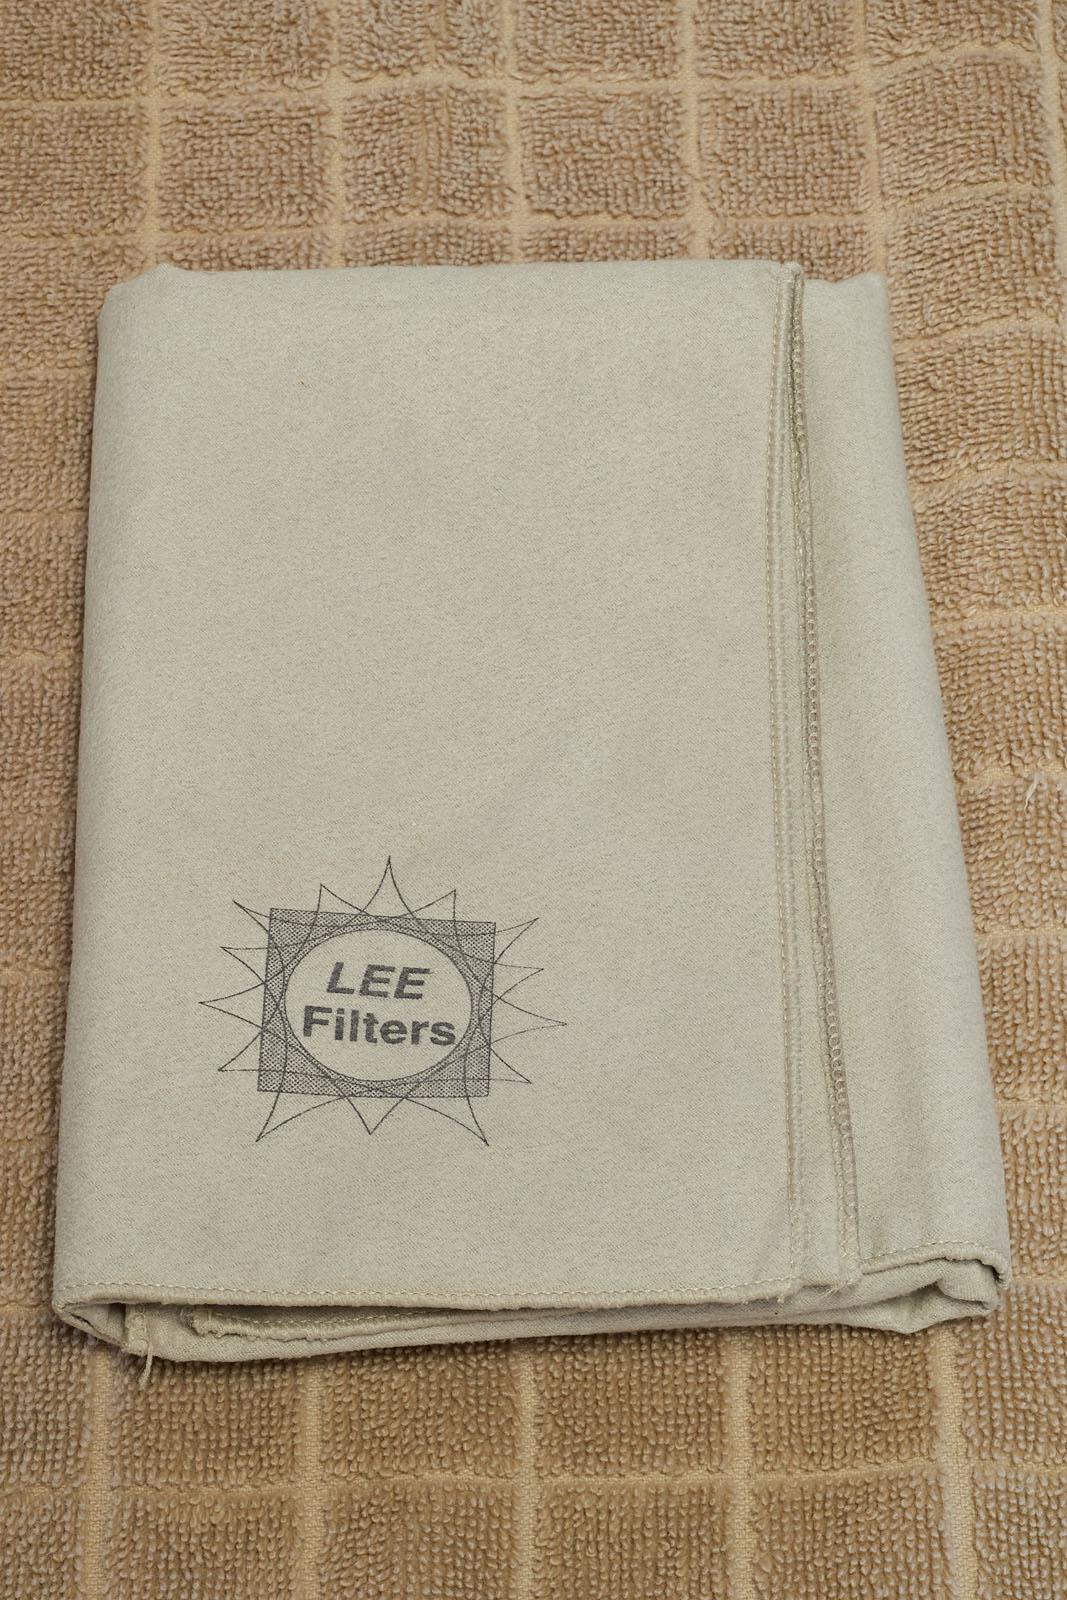 Fs Lee 4 100mm Filters Proglass 09nd Little Stopper Big 100x150 Graduated Nd Soft Set 4x6 100x150mm Grad